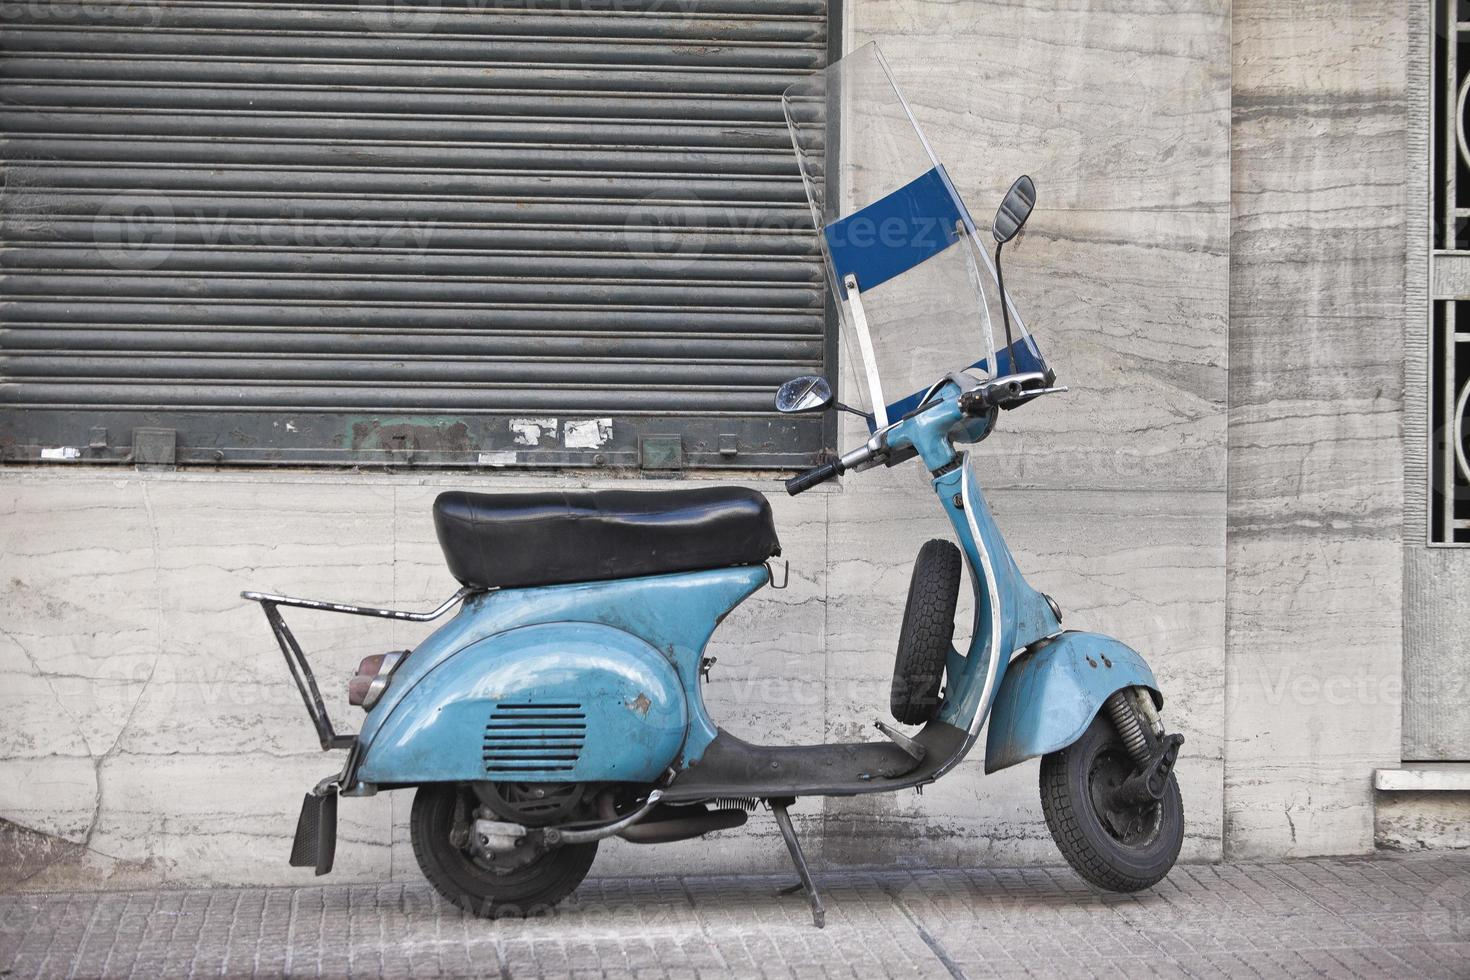 vintage skoter himmelblå färg på gatan foto